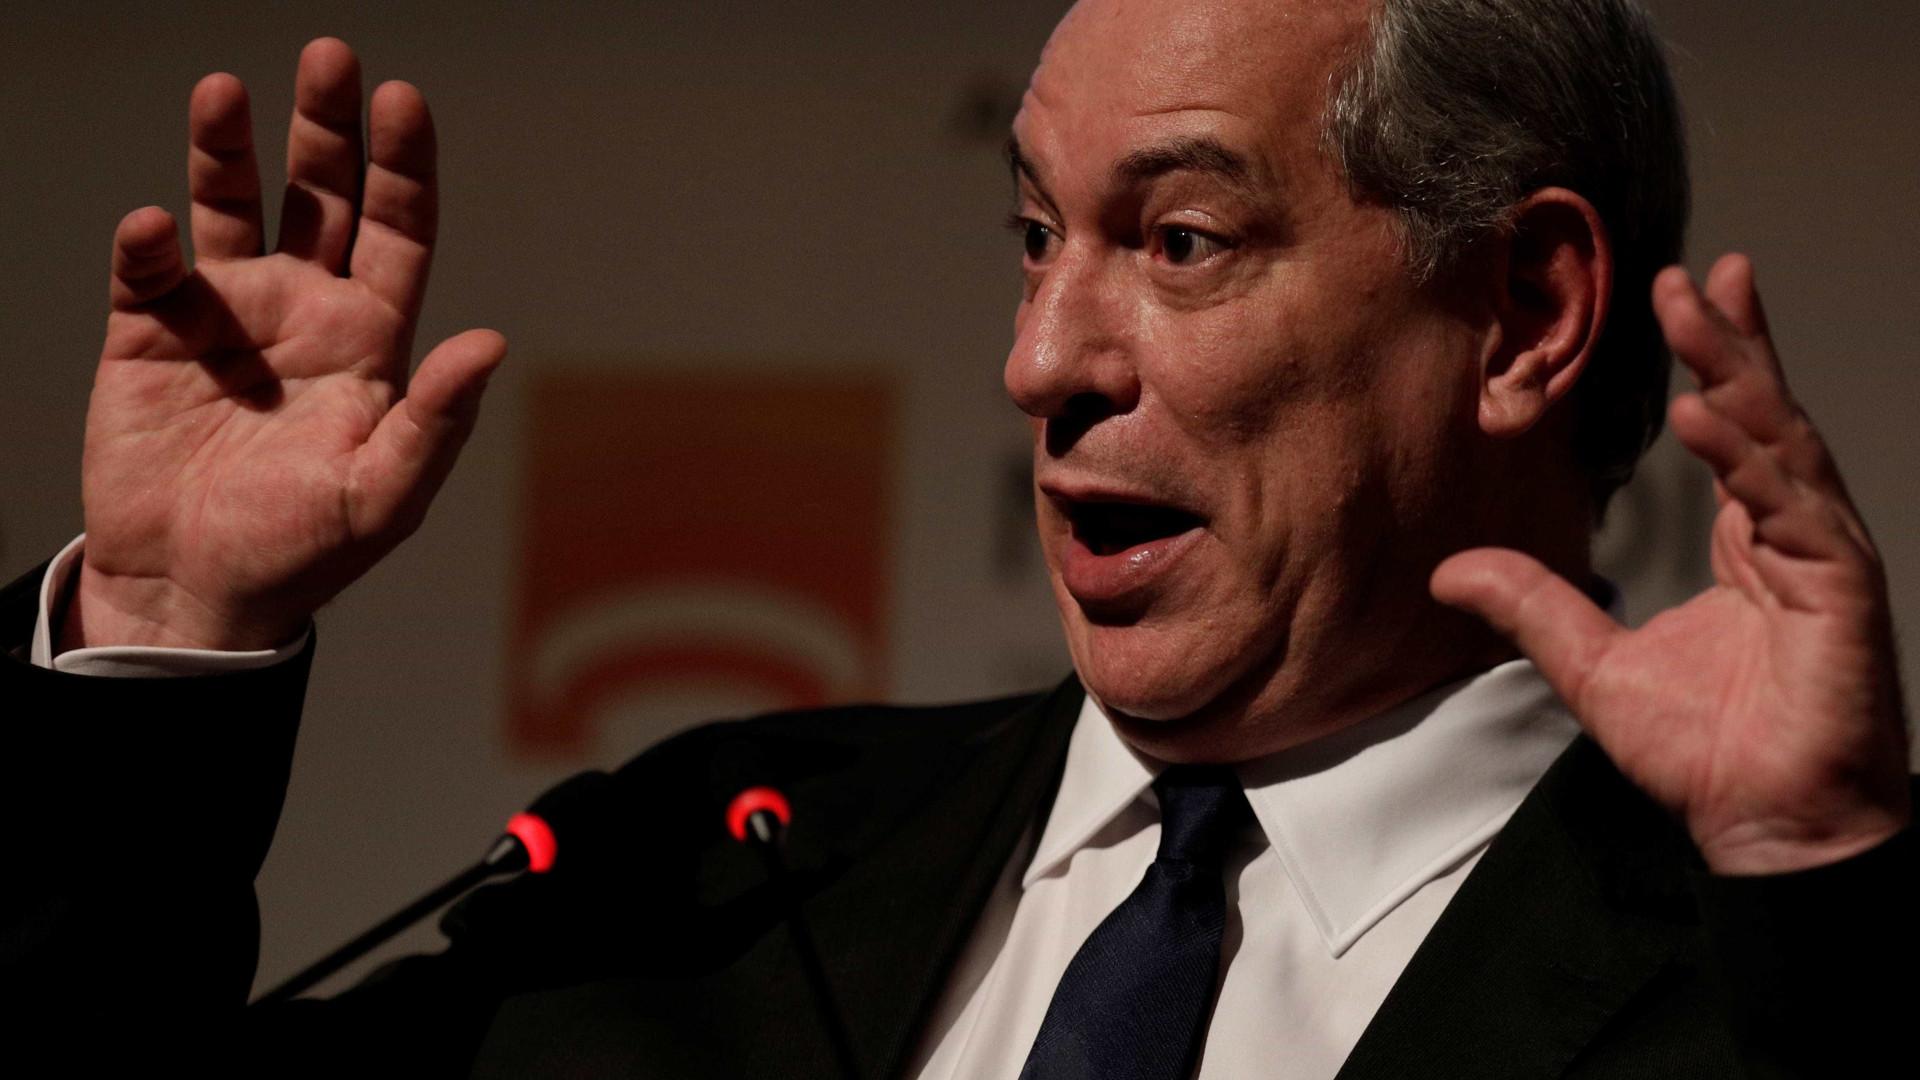 Vice do mercado financeiro 'em nenhuma hipótese', diz Ciro